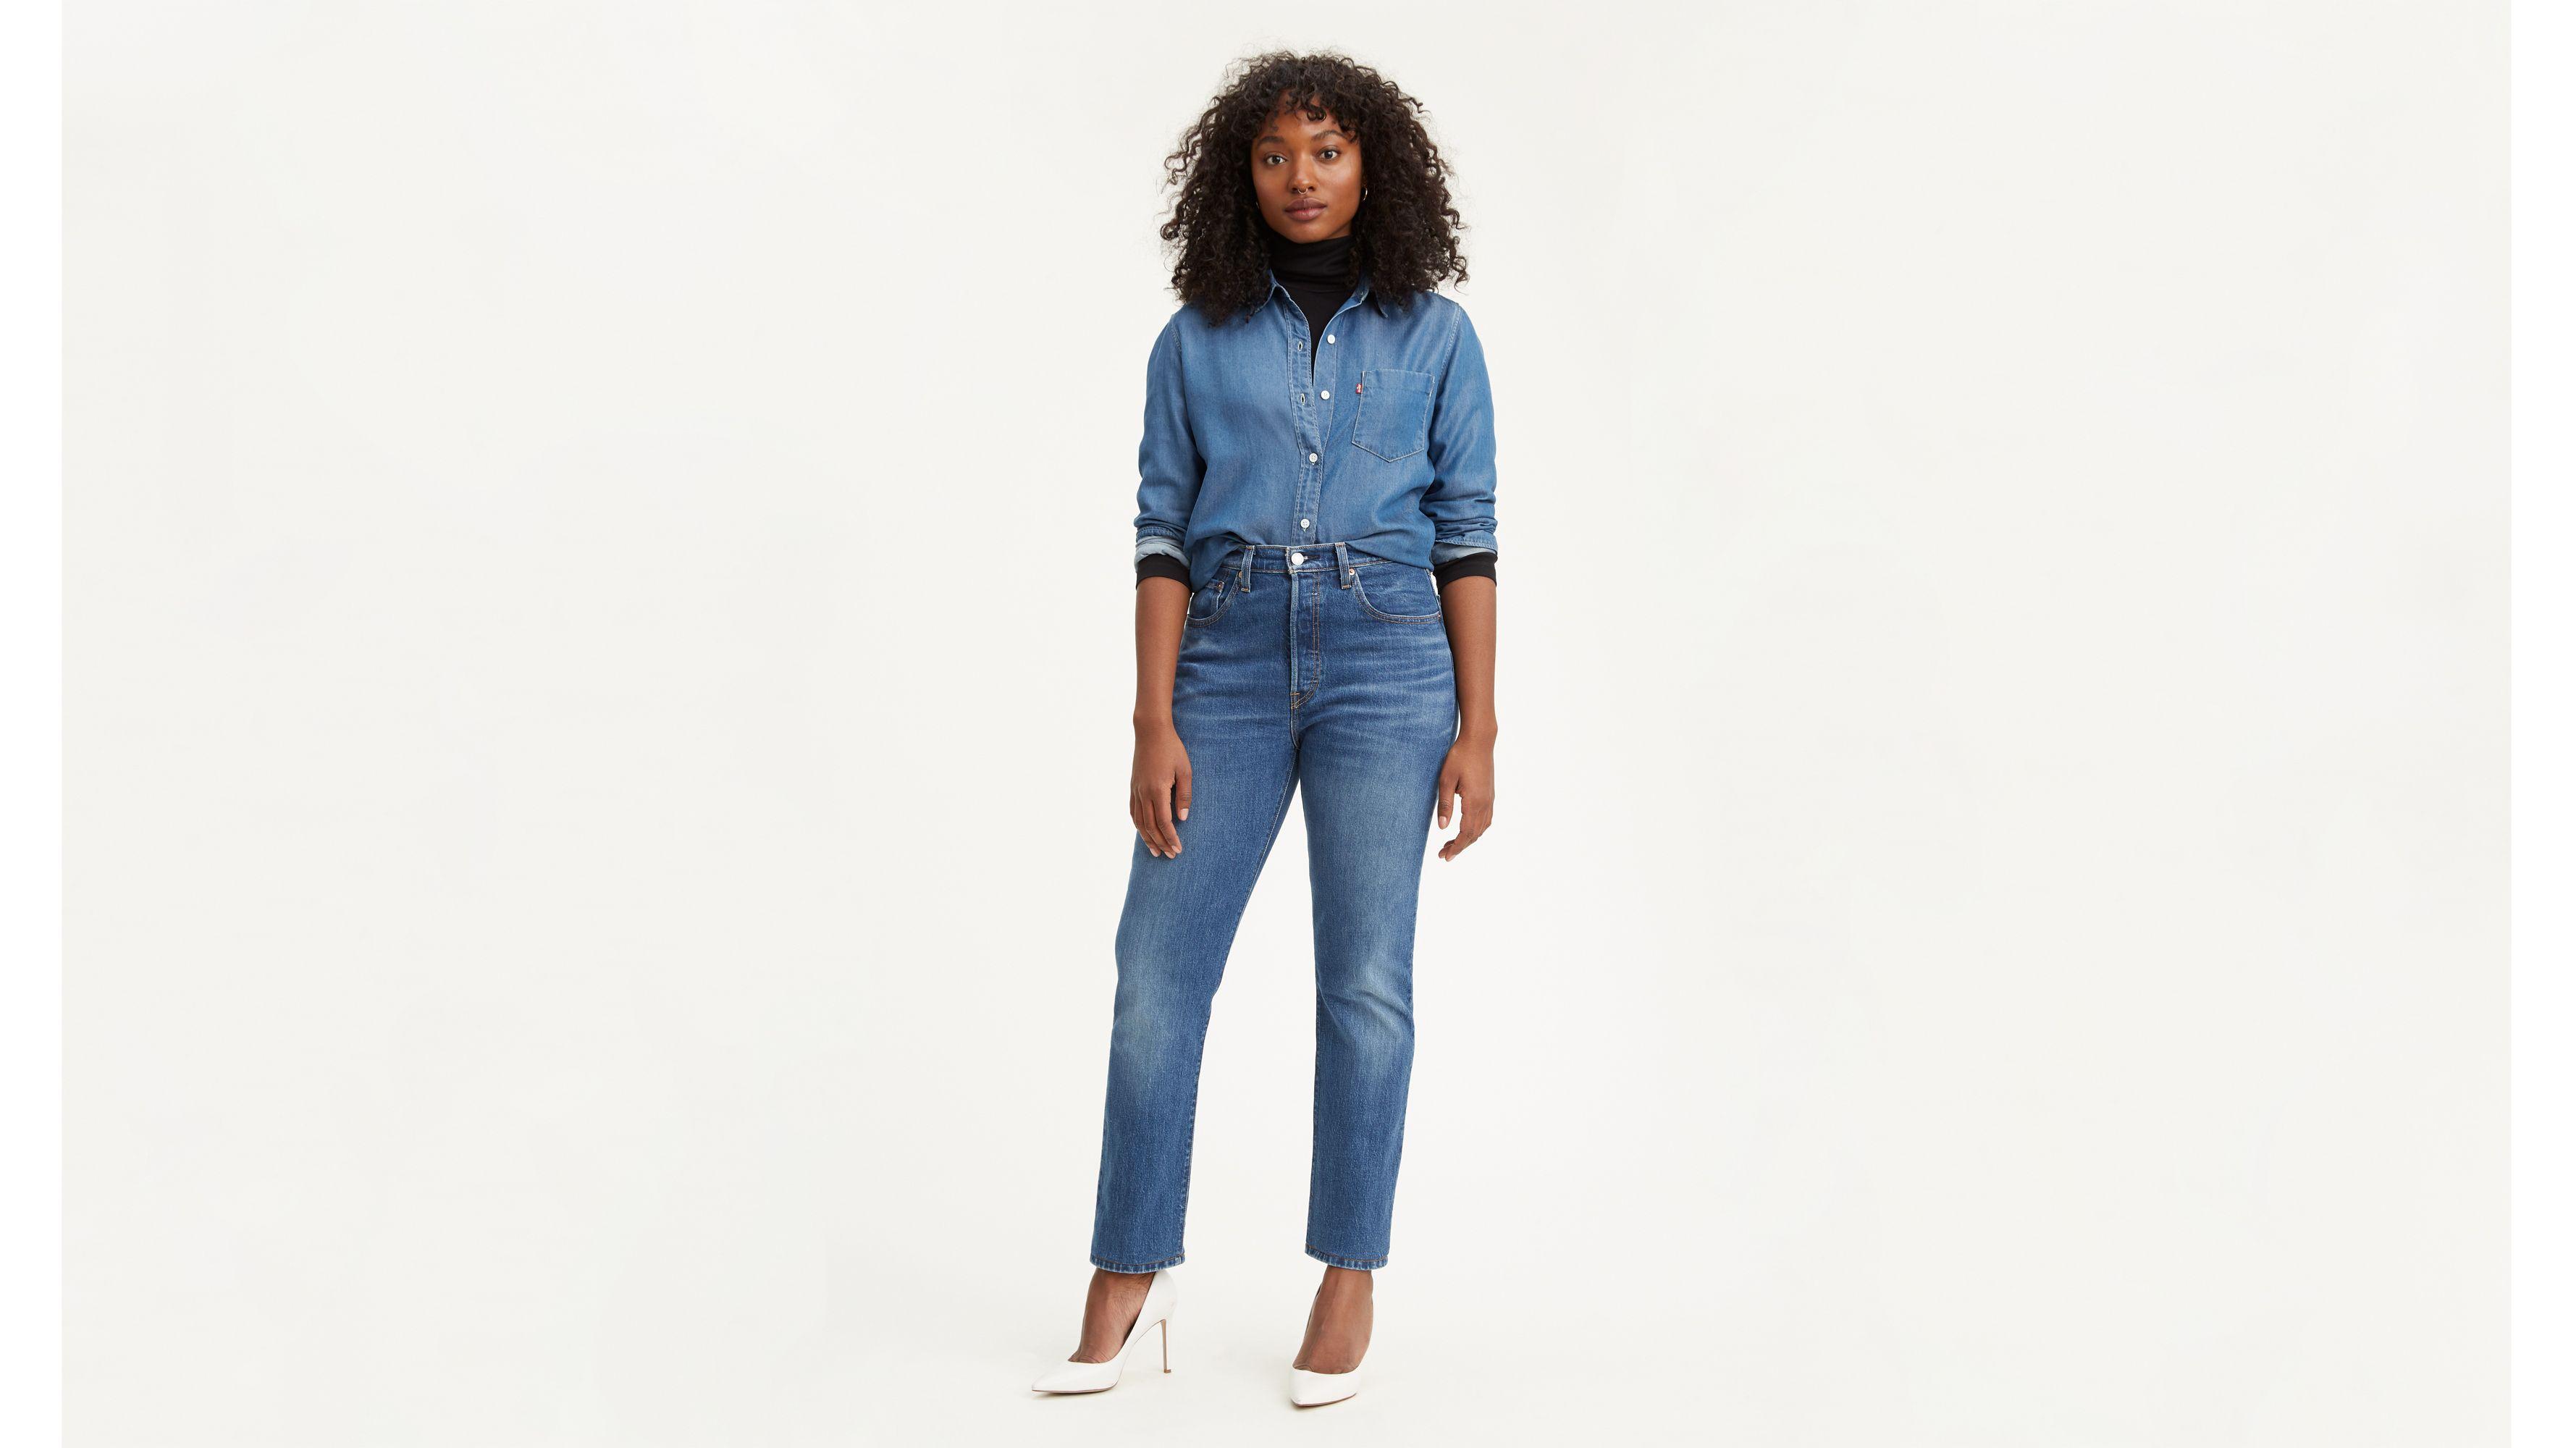 Straight Jeans Shop Us Fit Women s Jeans Levi s® 1FUwFqd 9c4b3e7bce